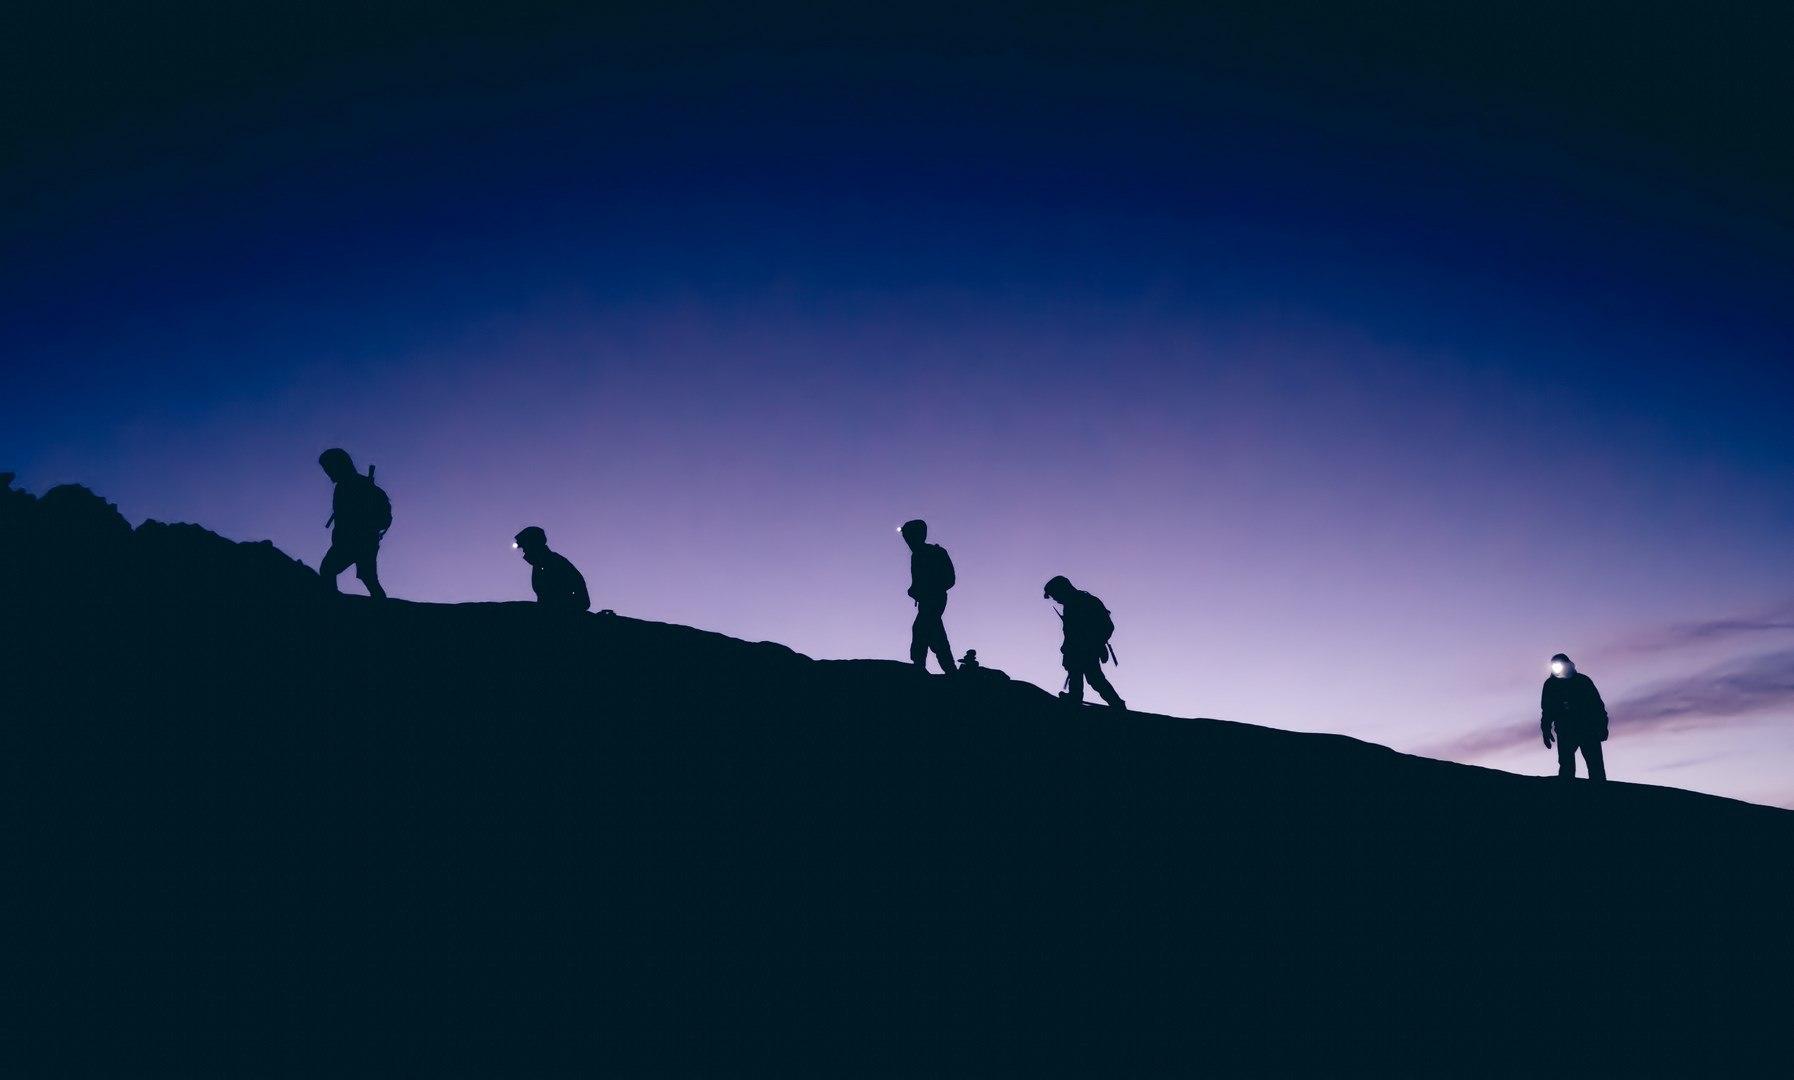 L'importance de se focaliser sur le progrès et non sur l'objectif pour être plus résilient dans sa vie. Focalsiez vosu sur le chemin, le voyage et non la destination.